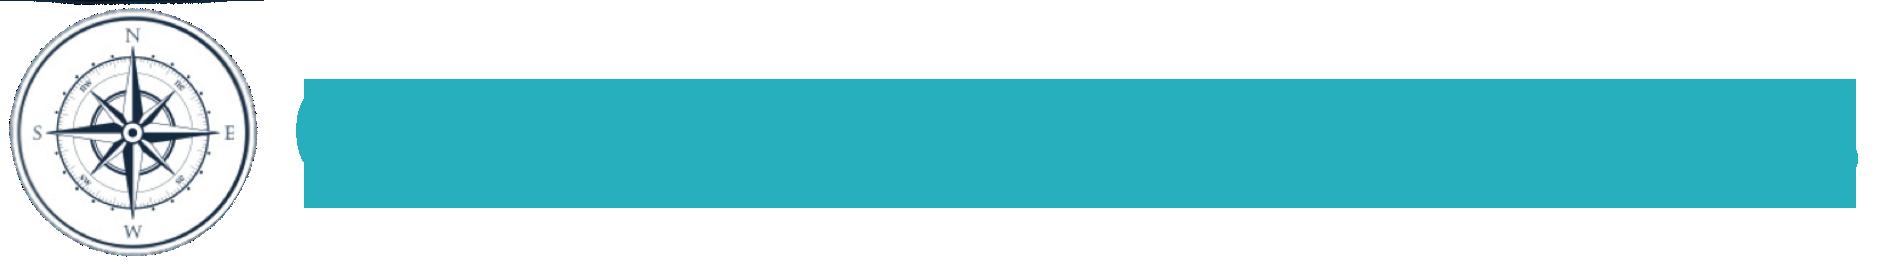 Compass Legal Associates